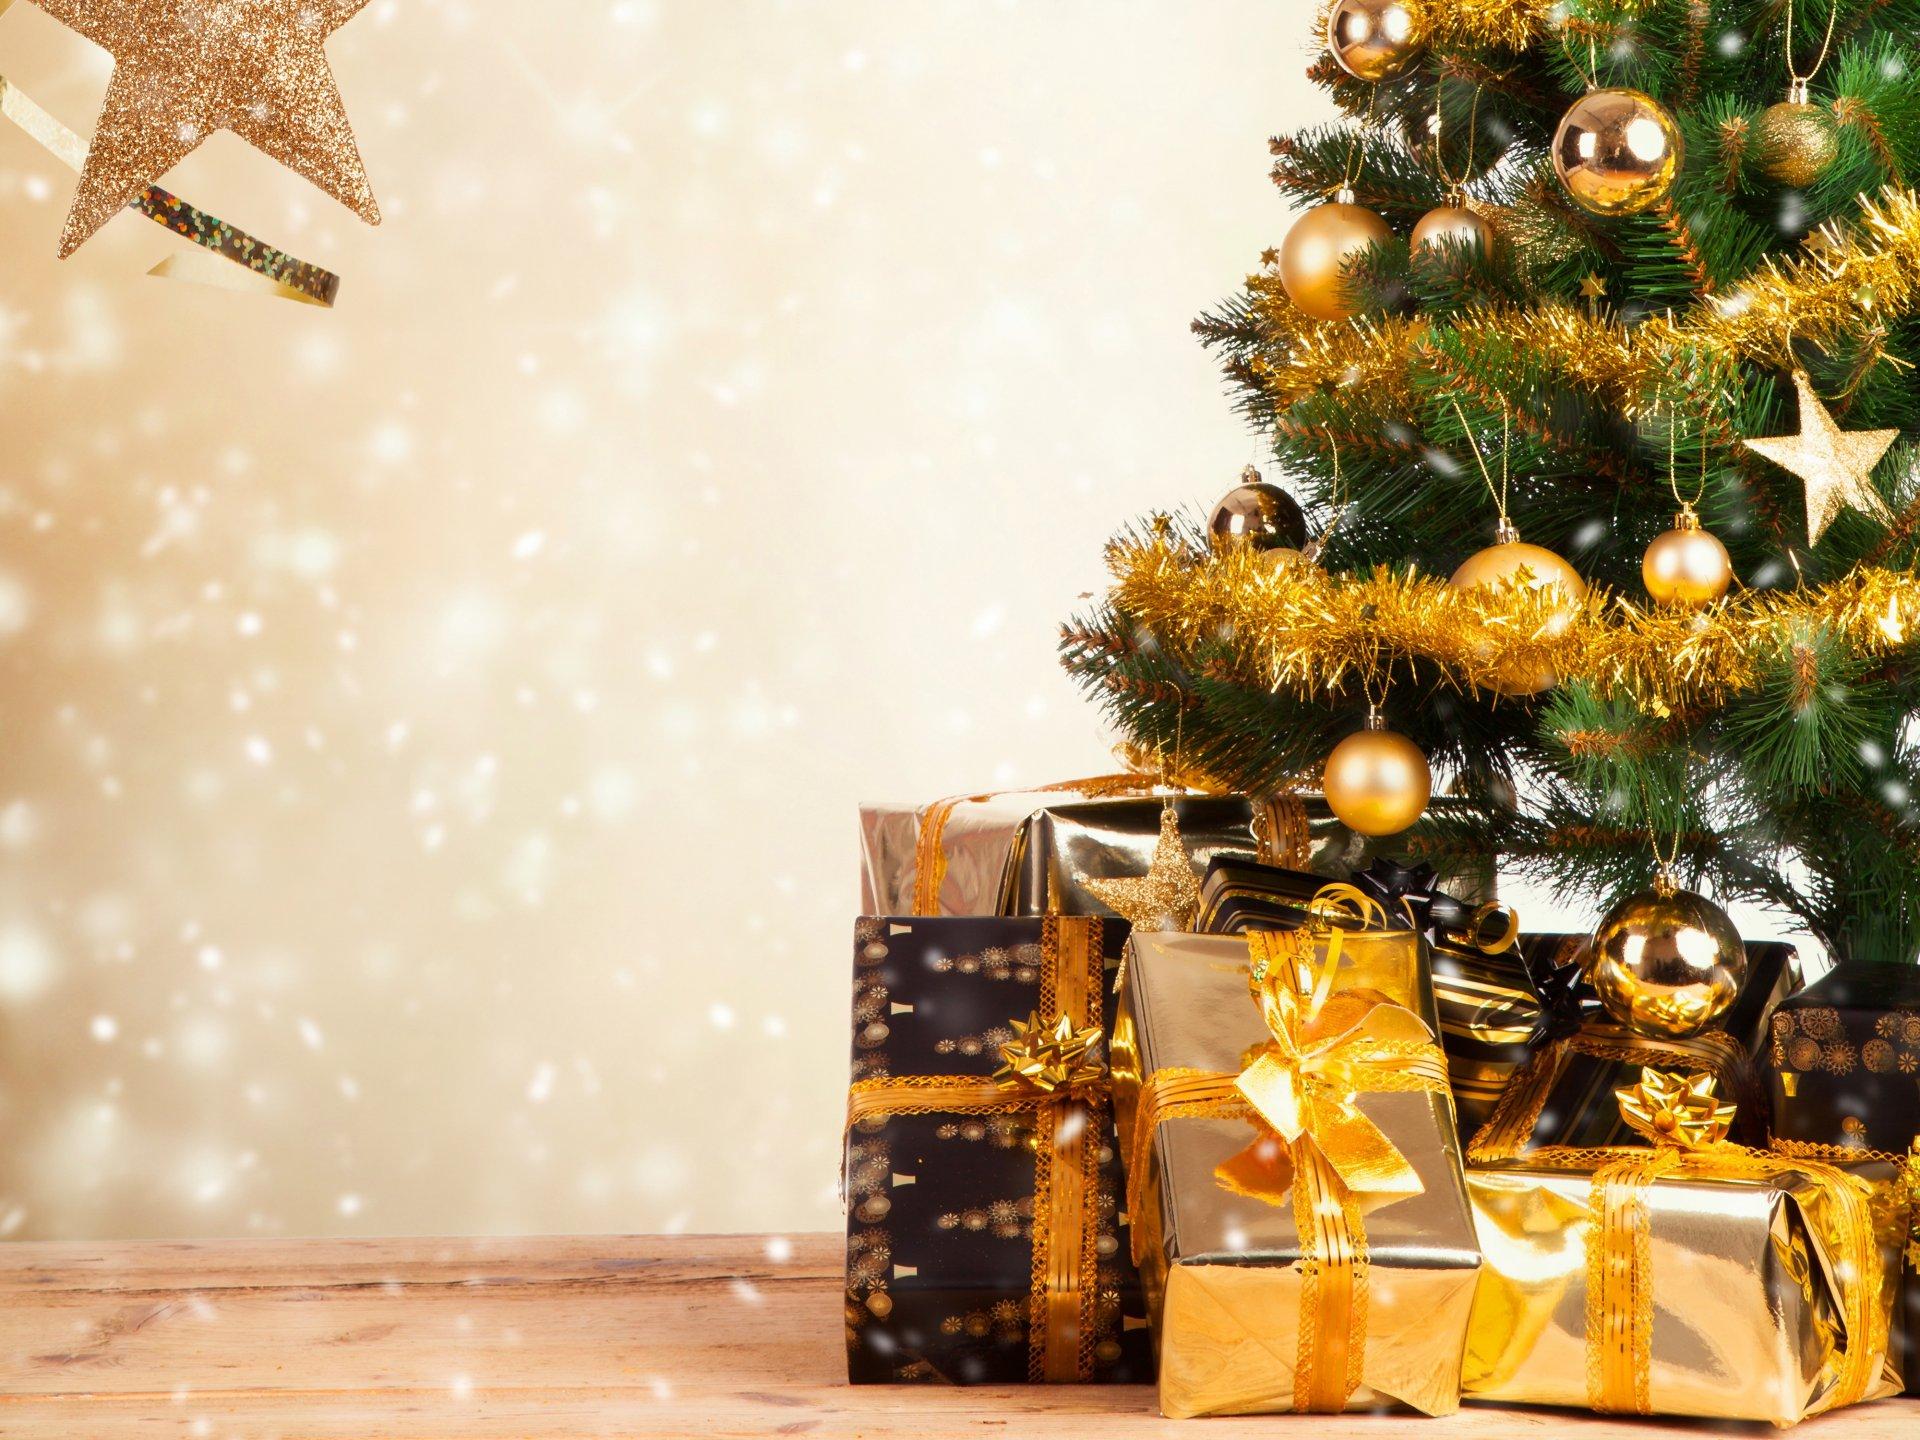 Картинки с новогодними елками, праздником воздвижения